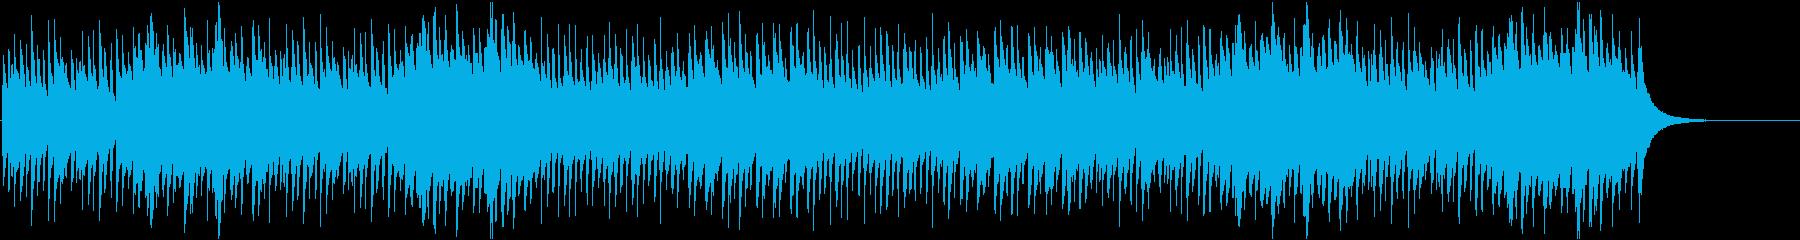 企業VP22 16bit48kHzVerの再生済みの波形